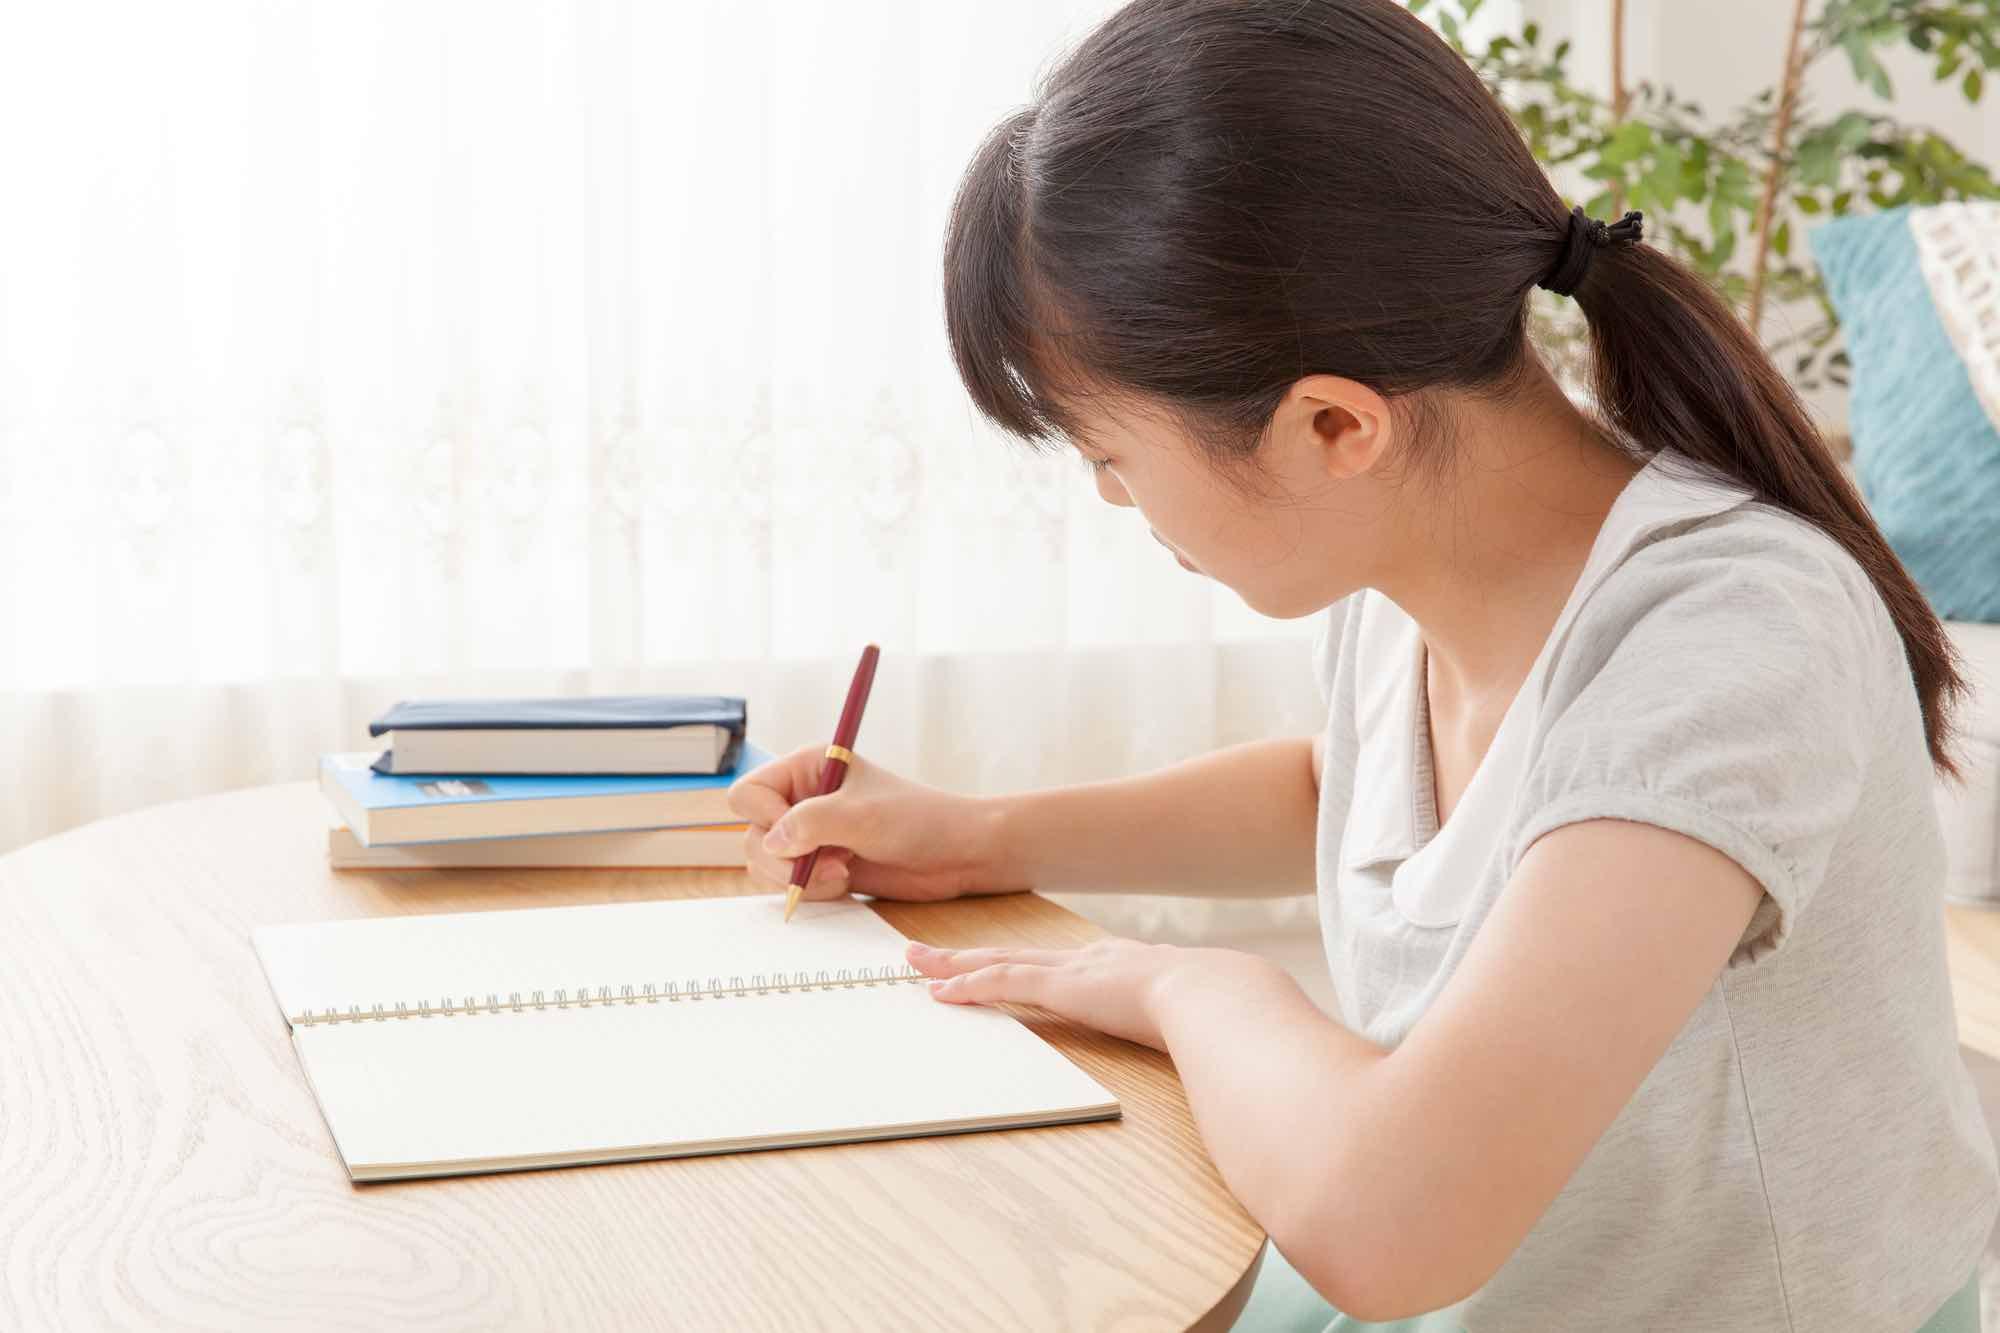 本当に学校に行かないといけないの? 教育基本法や「自宅学習」について調査してみた